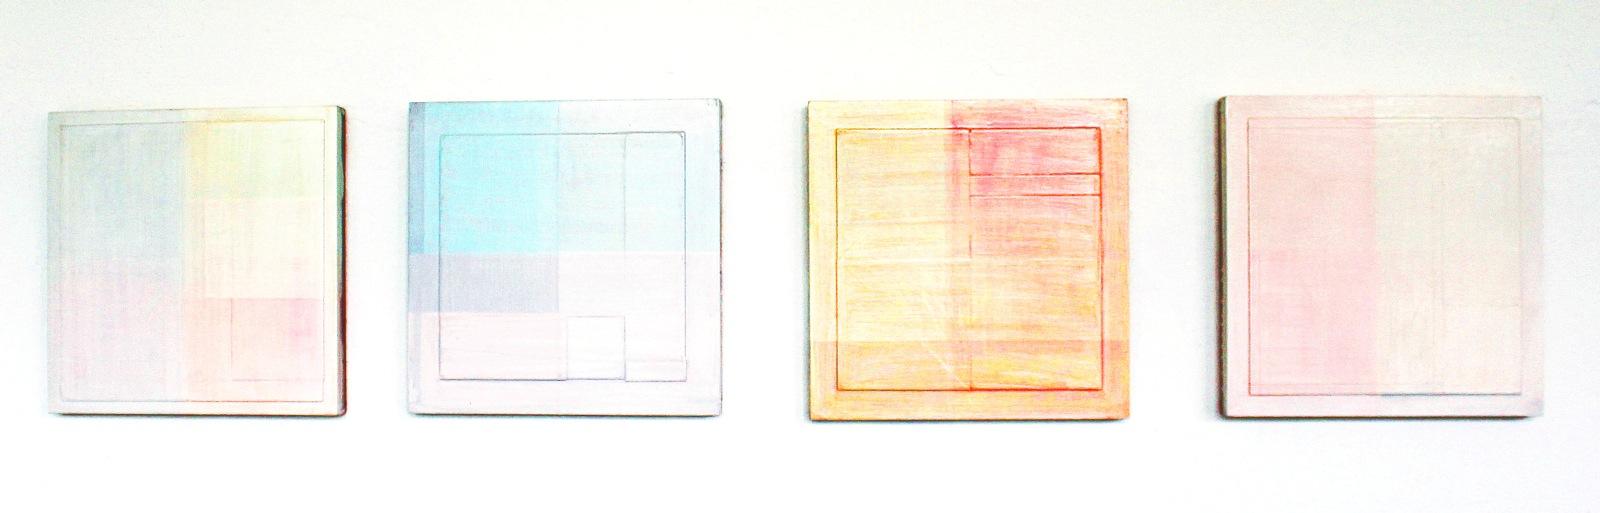 Flache Varianten,1993